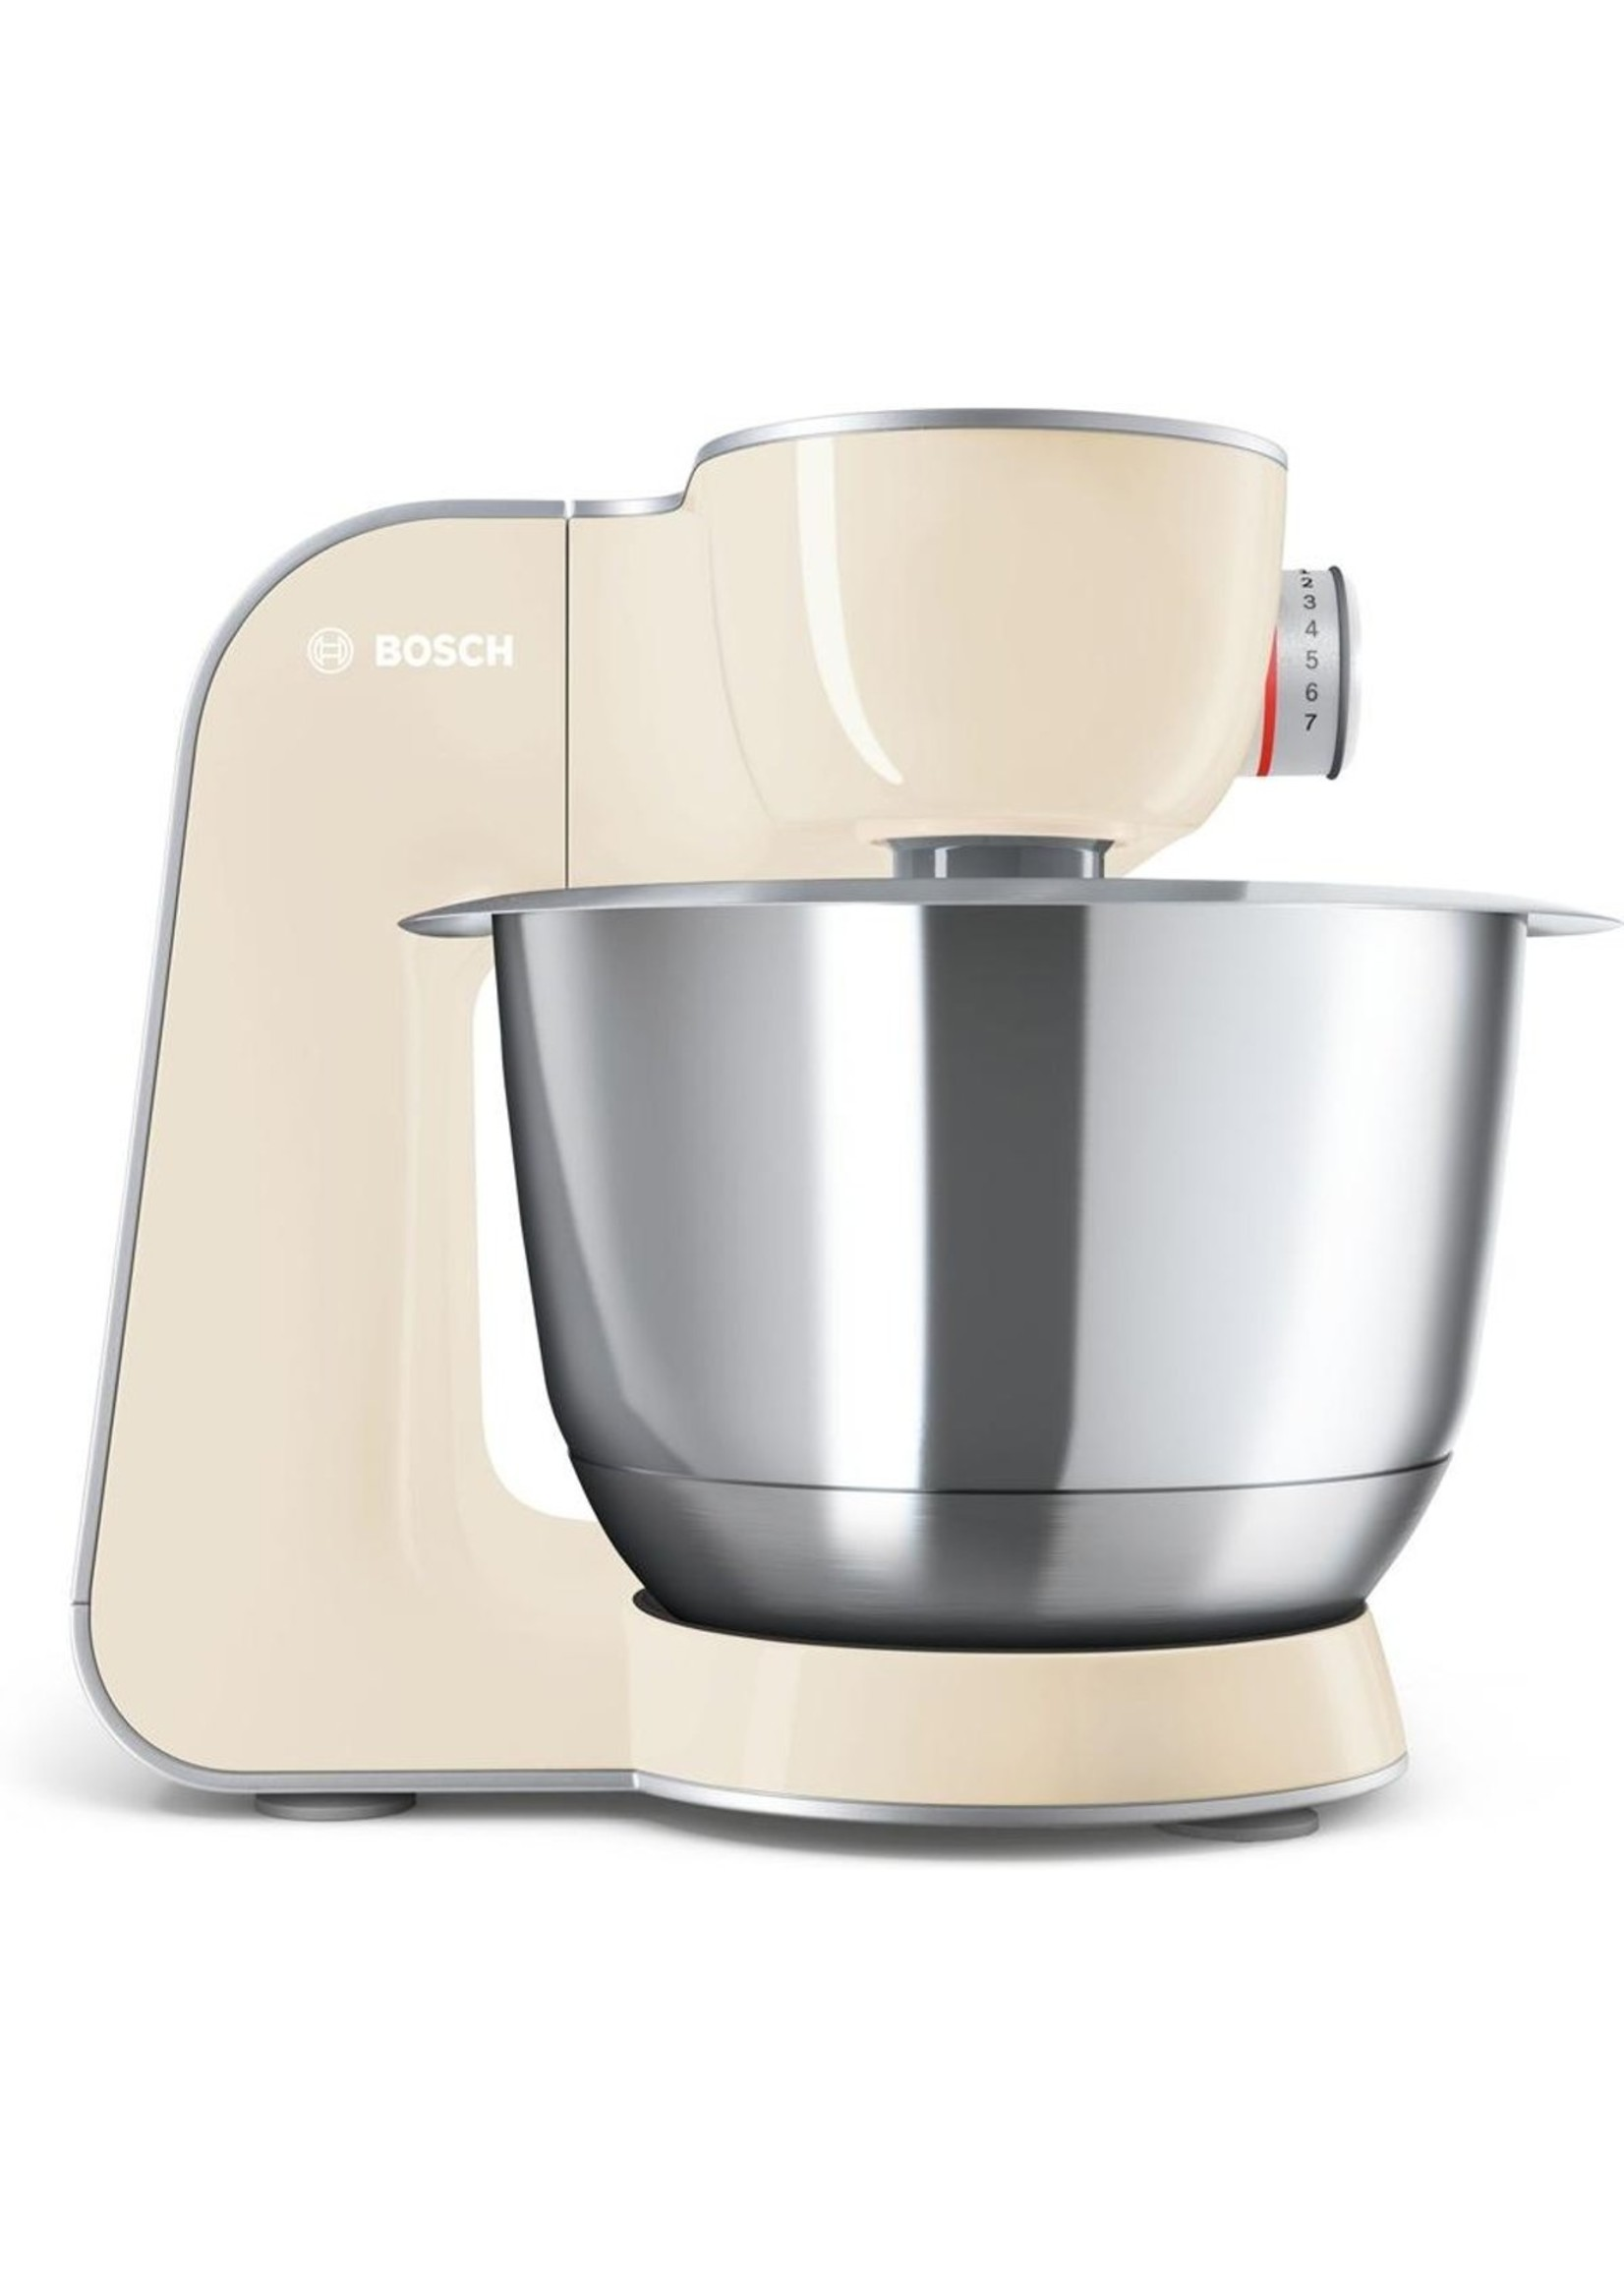 Bosch Bosch MUM58920 Keukenmachine Vanille / Zilver